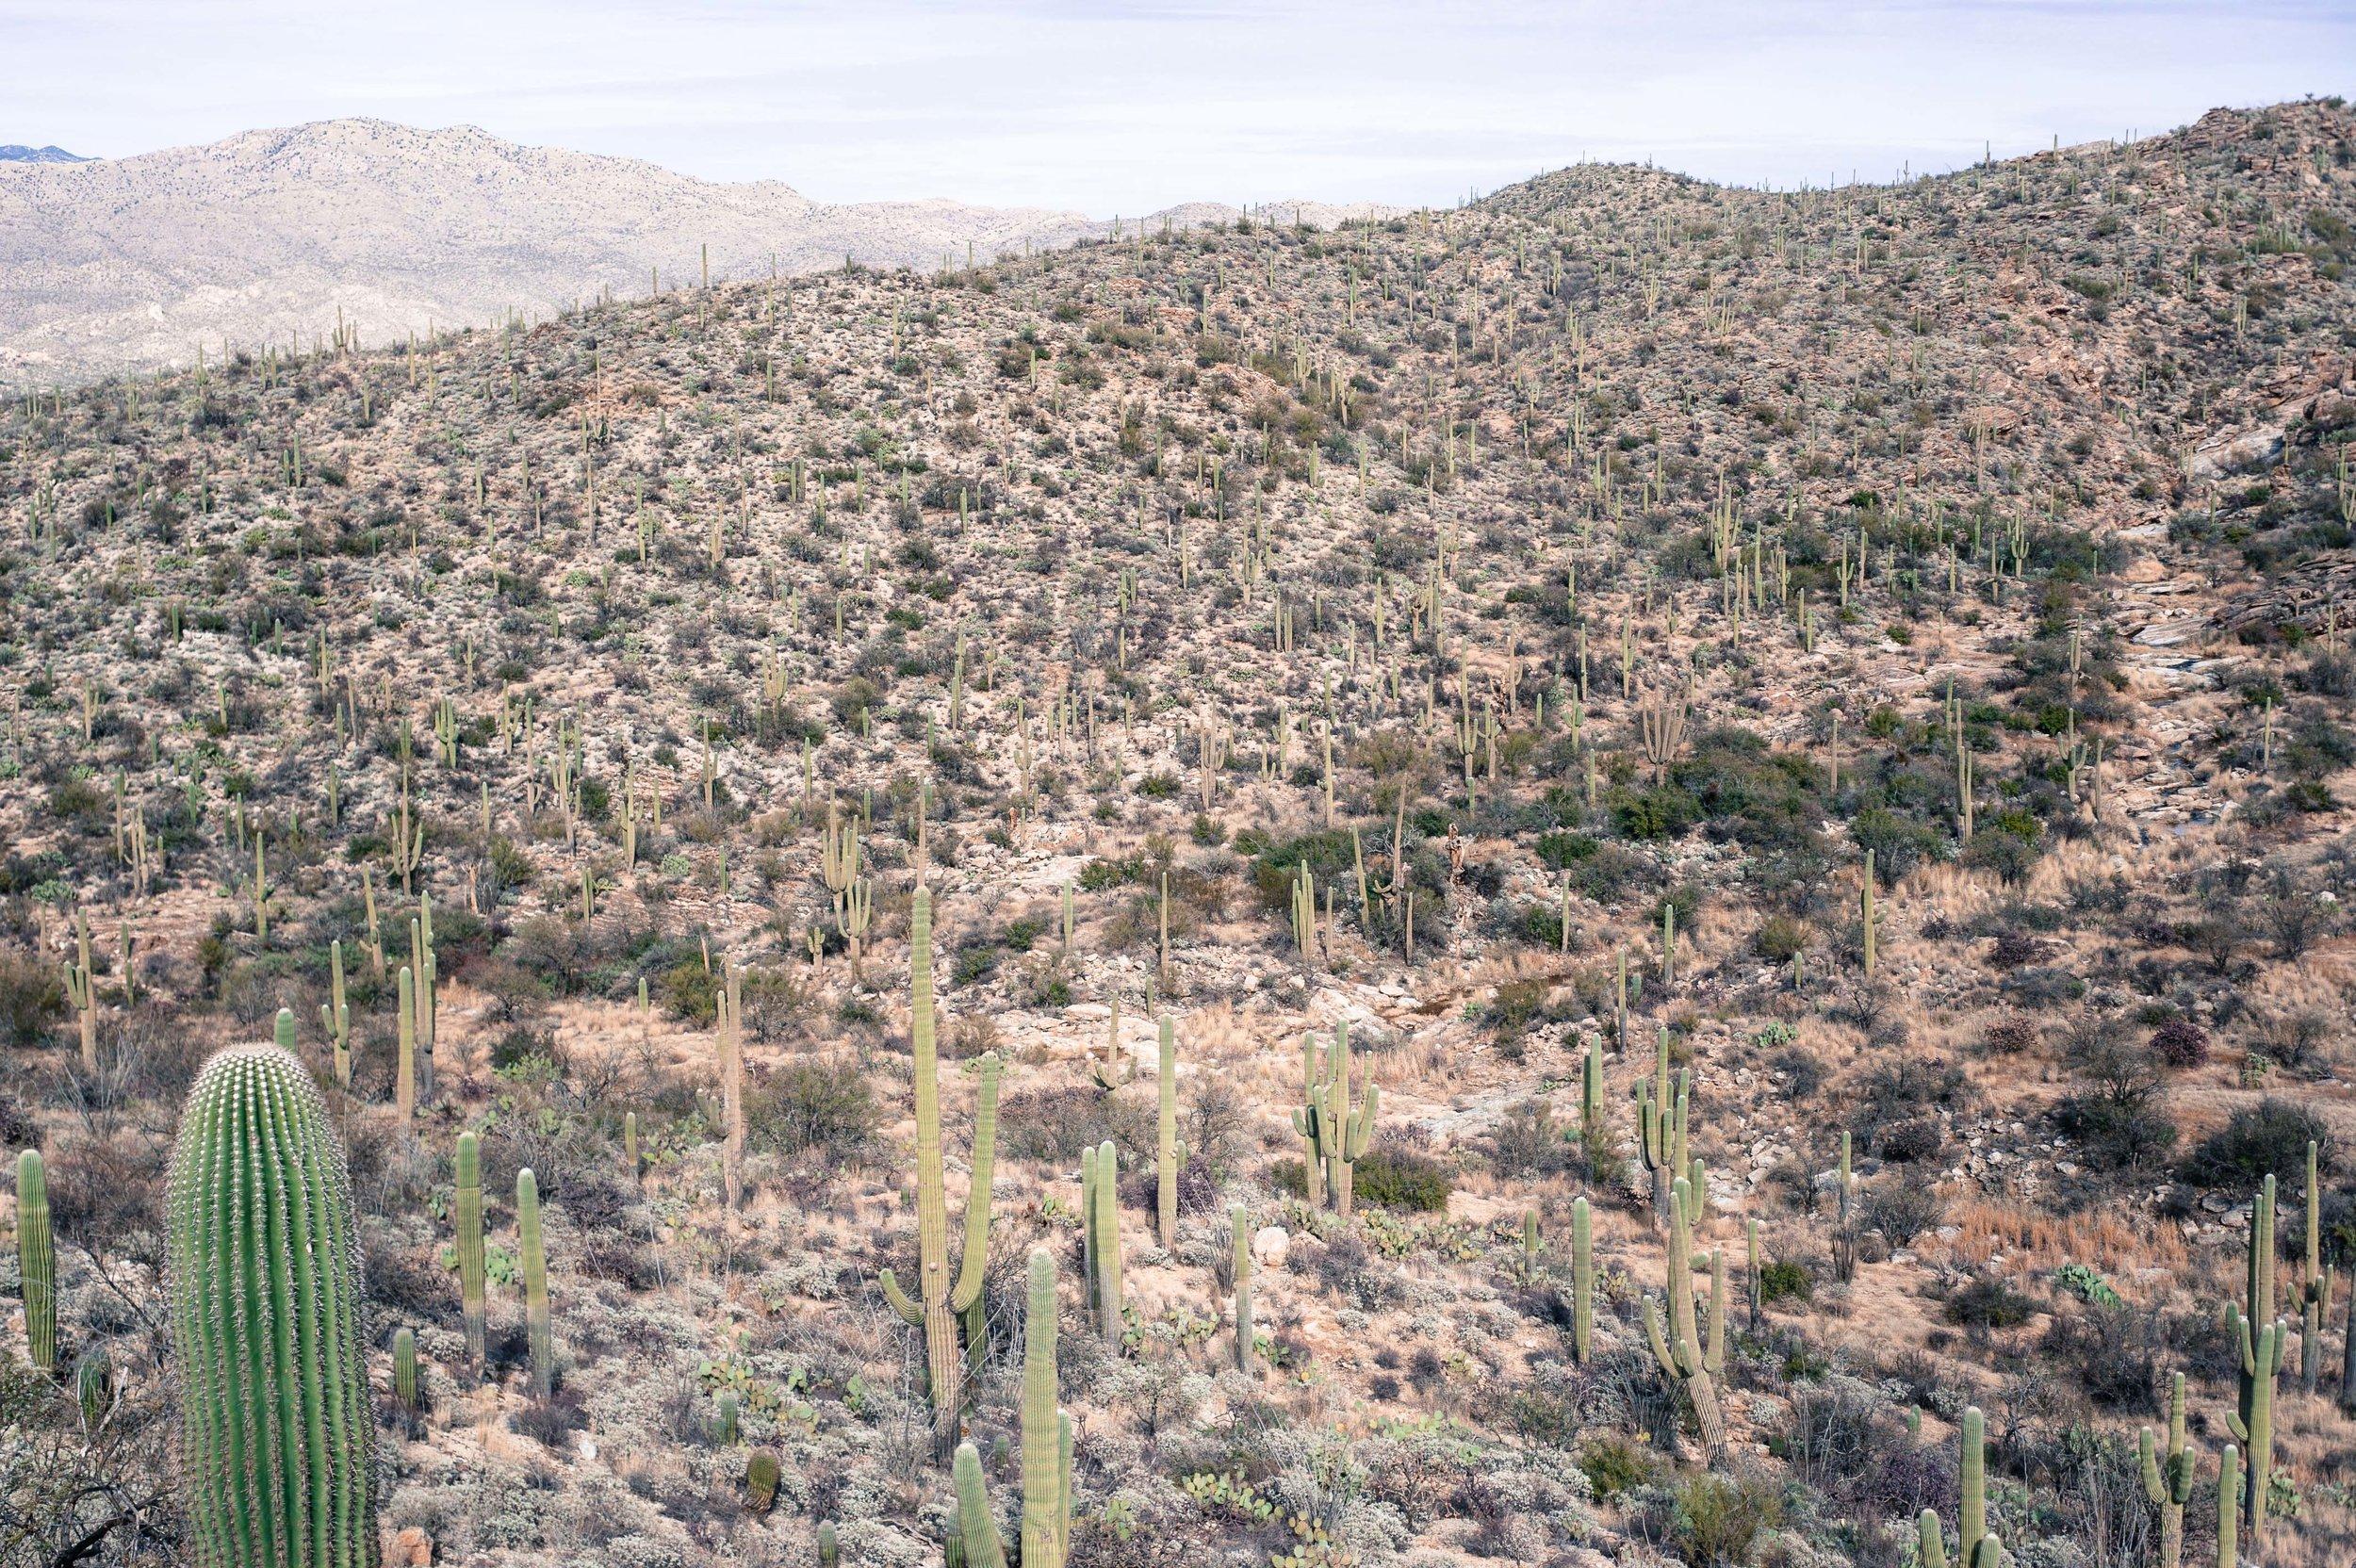 cassandra_artprints_saguaro-10.jpg